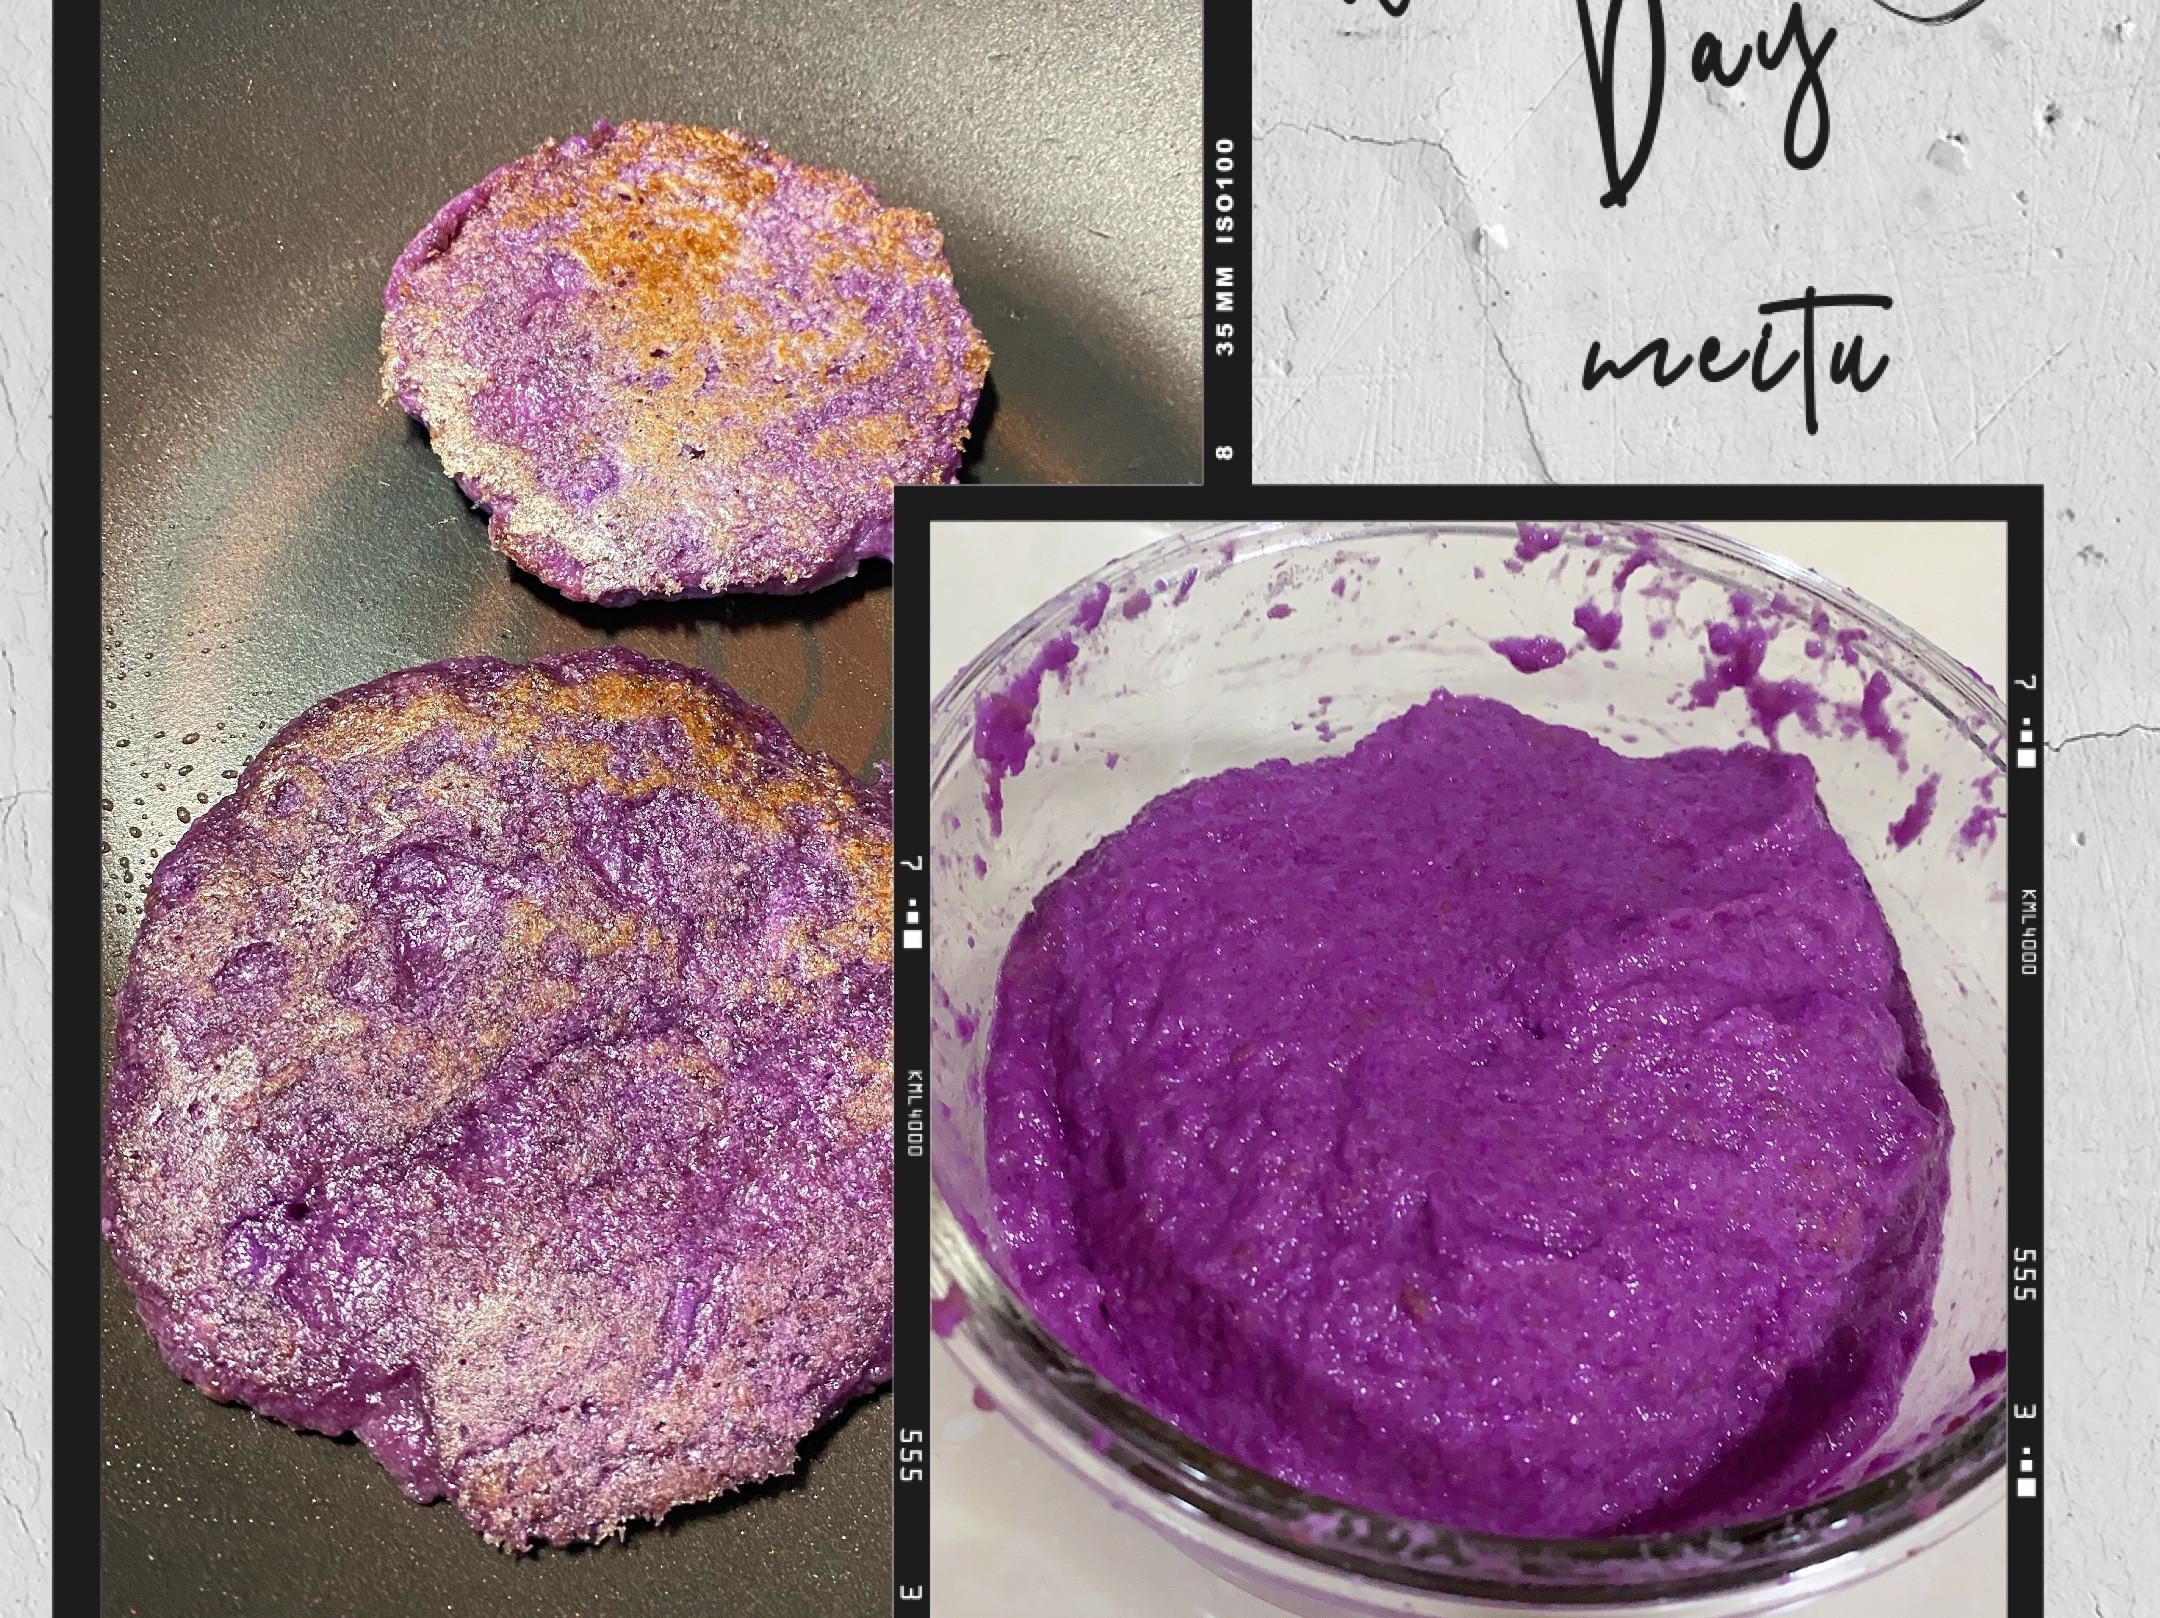 健康紅薯餅(紫山藥煎餅)